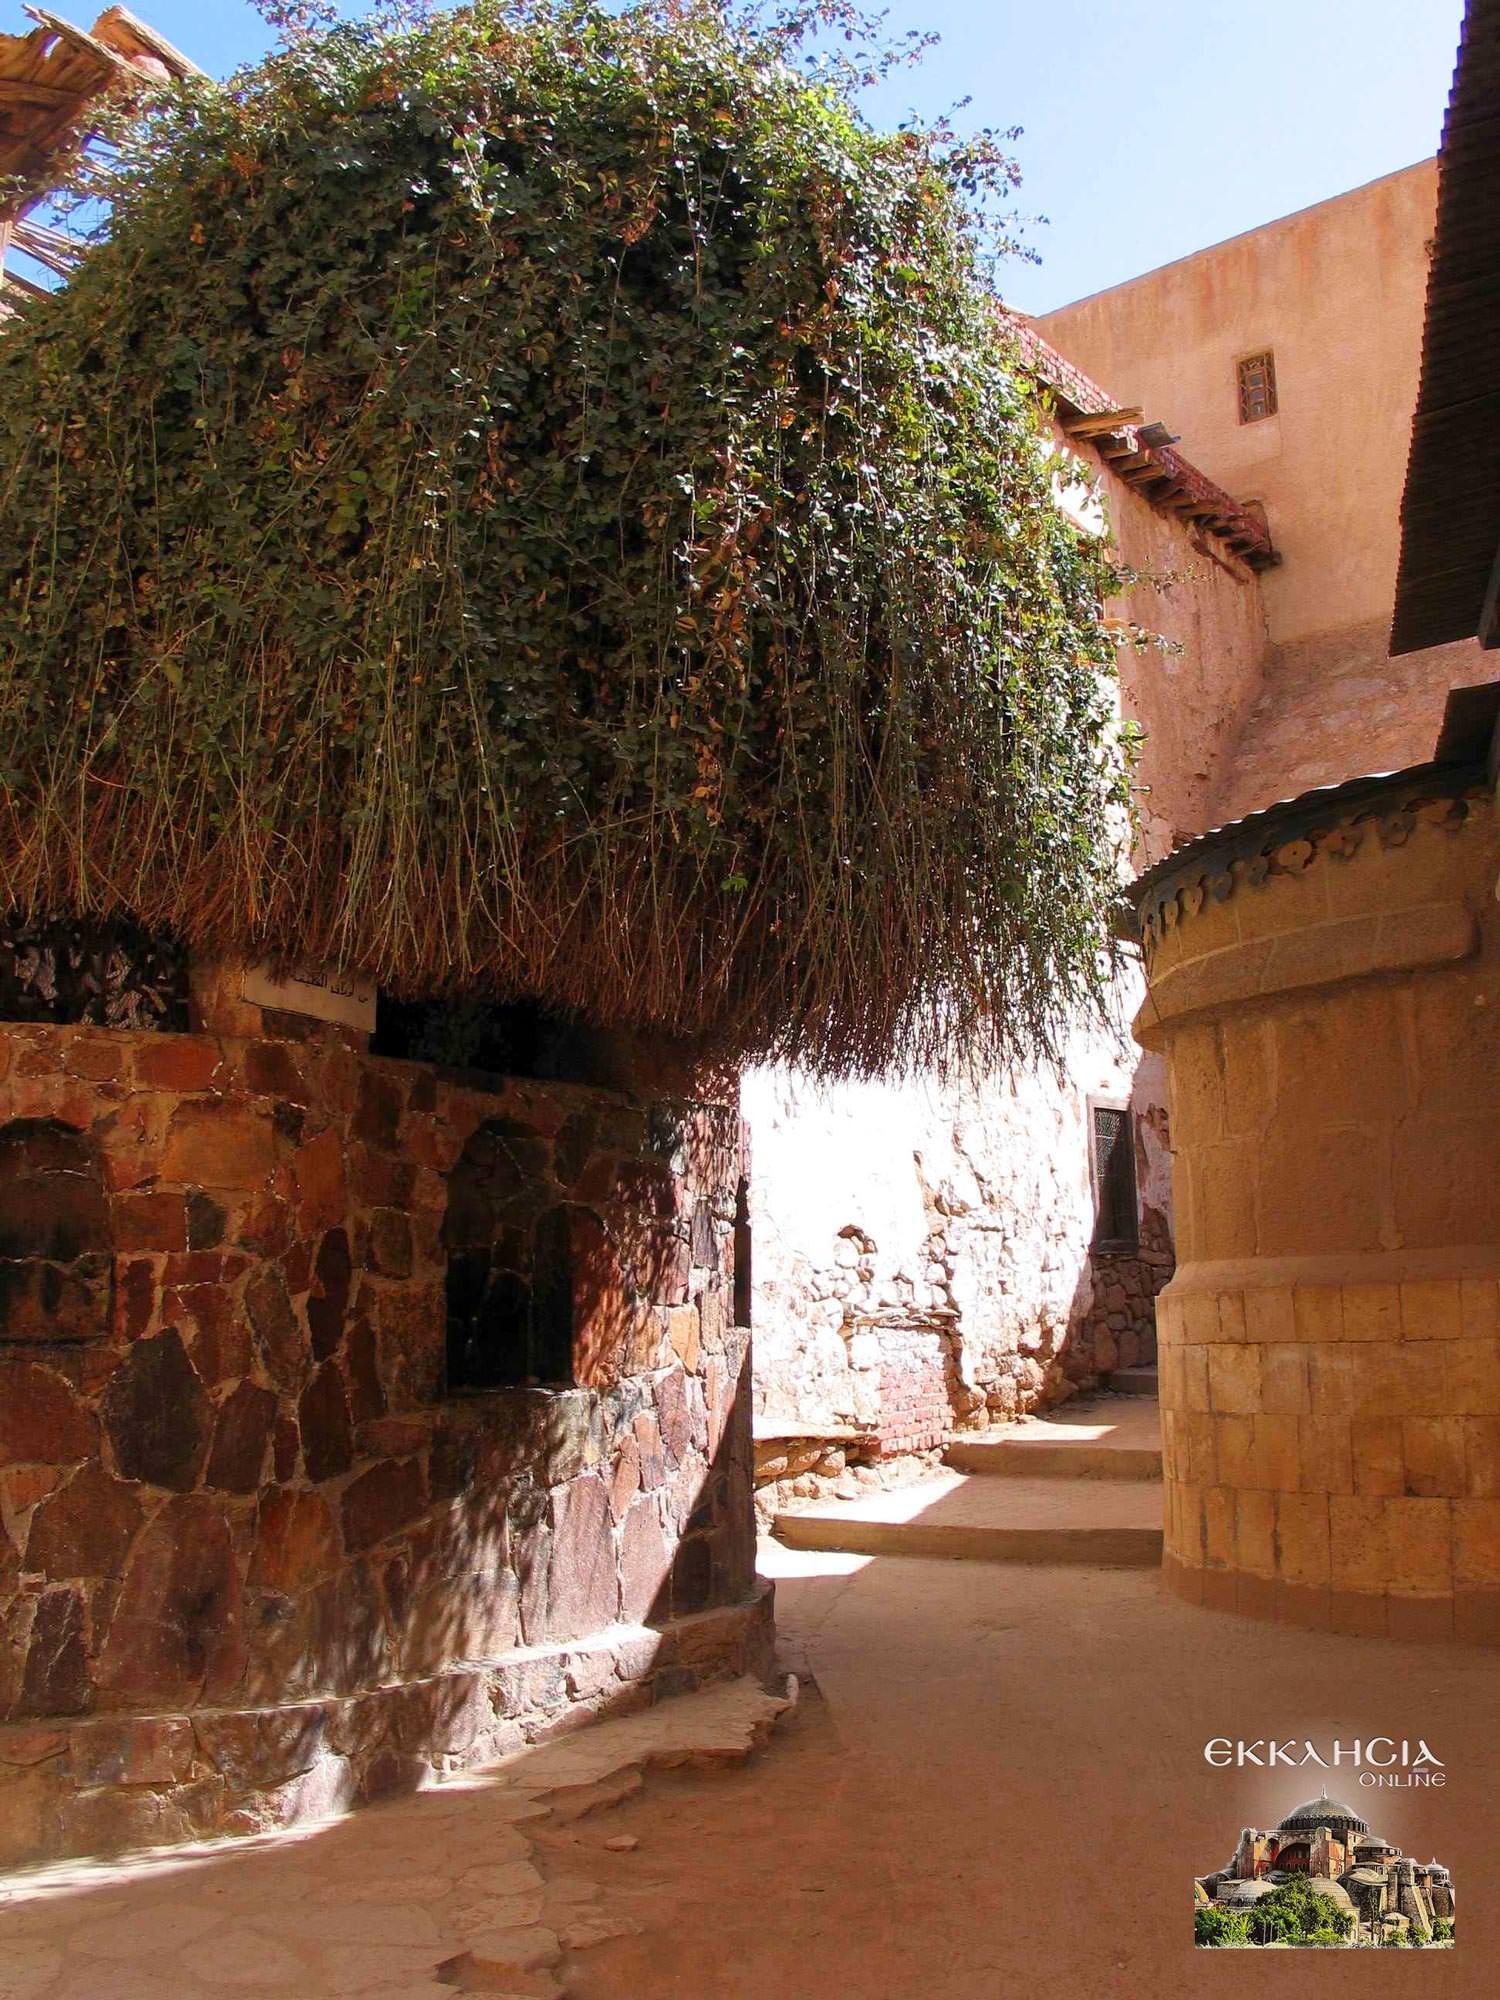 Προσκύνημα στο μοναστήρι της Αγίας Αικατερίνης Σινά